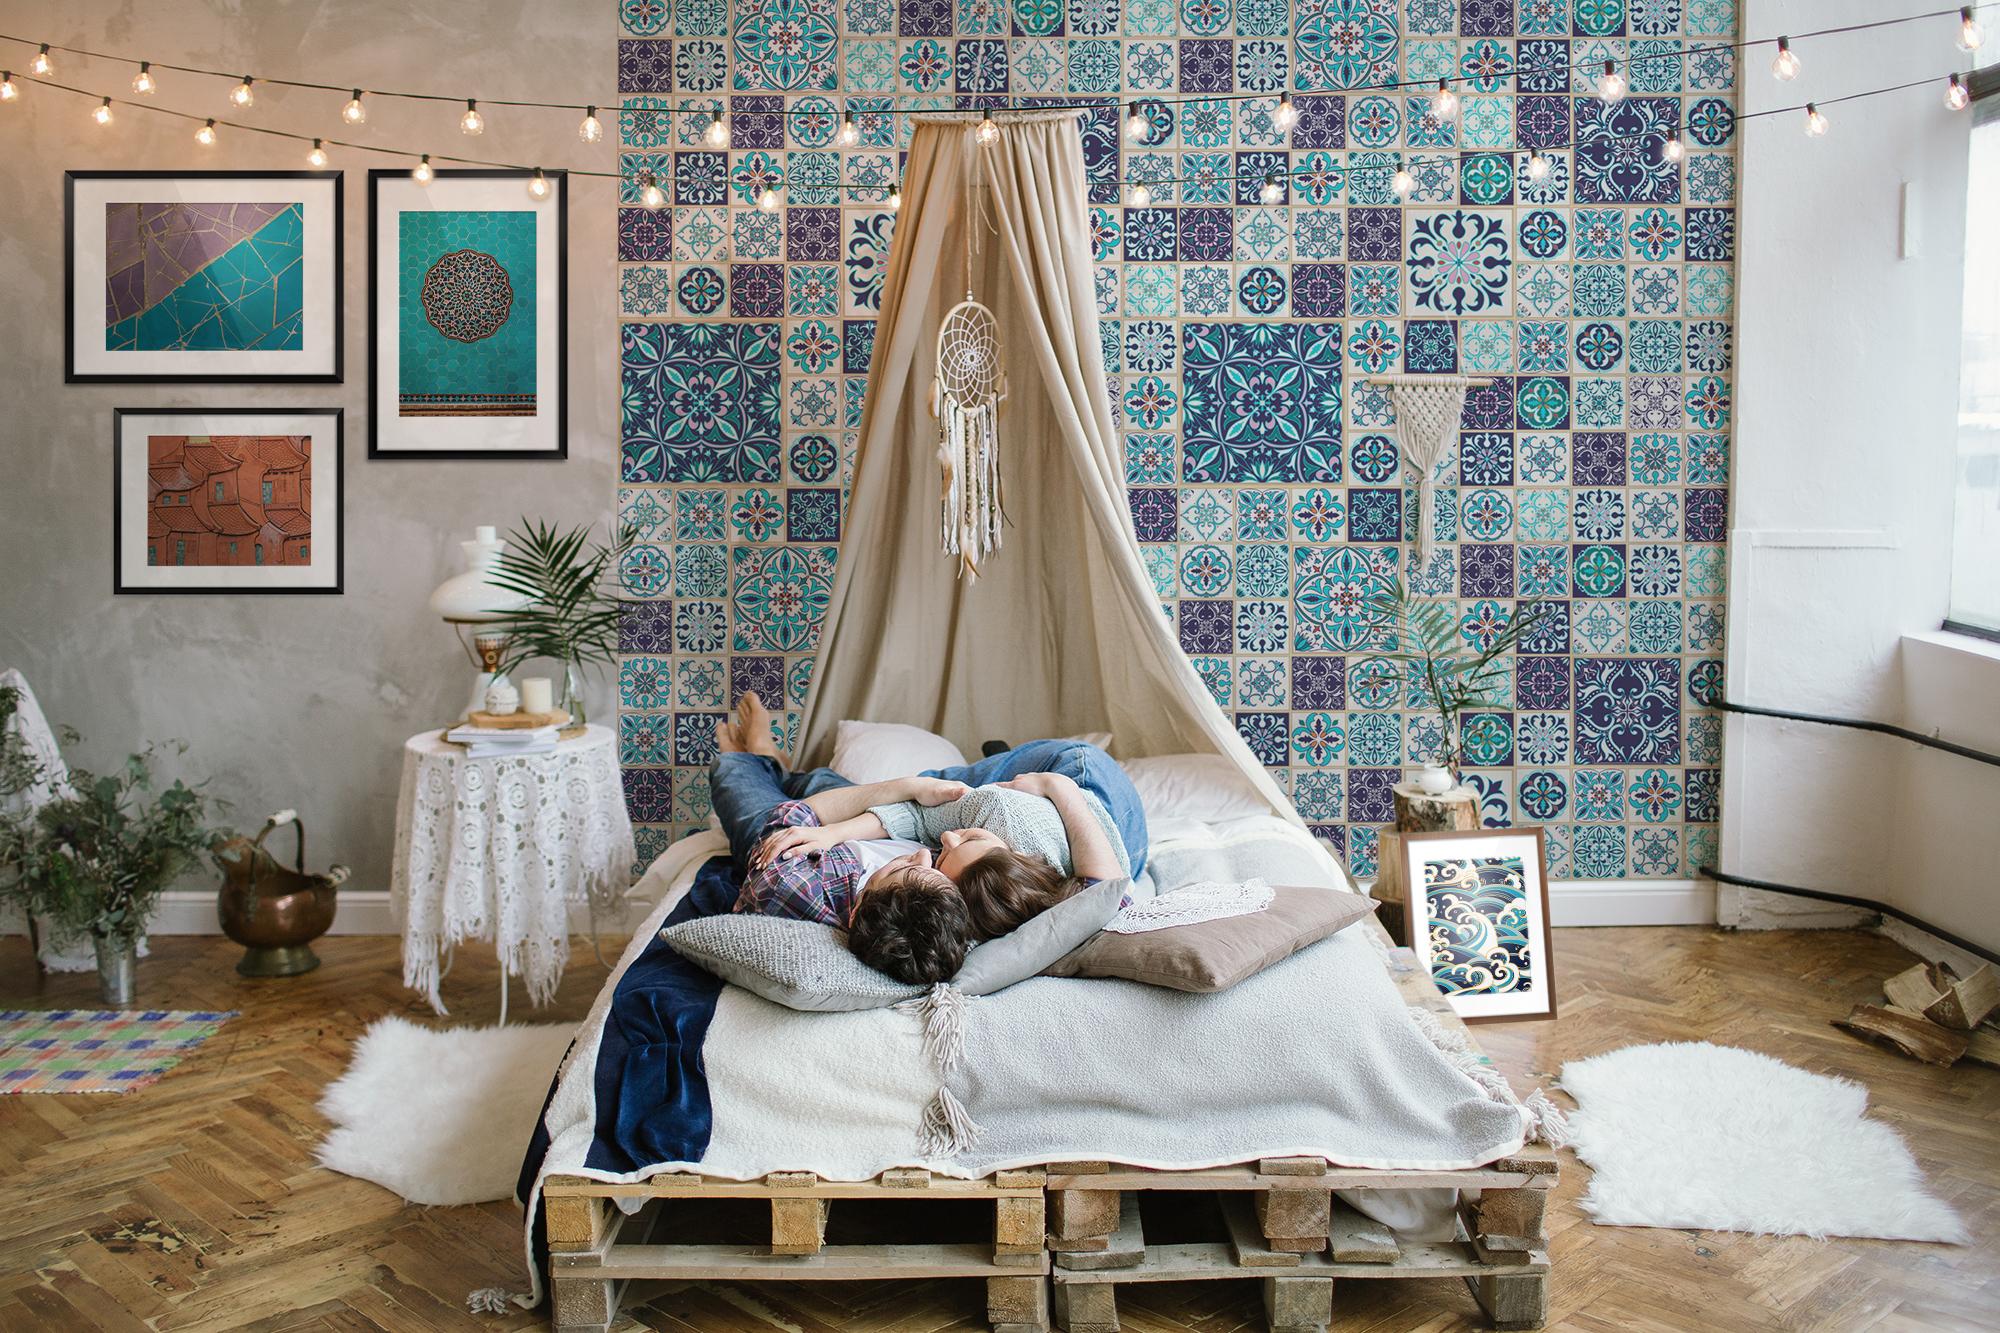 Orientalische Ruhe • Boho - Orientalisch - Schlafzimmer - Fototapeten -  Poster - Kunst und Lifestyle - Textur und Dessin • Pixers® - Wir leben, um  zu